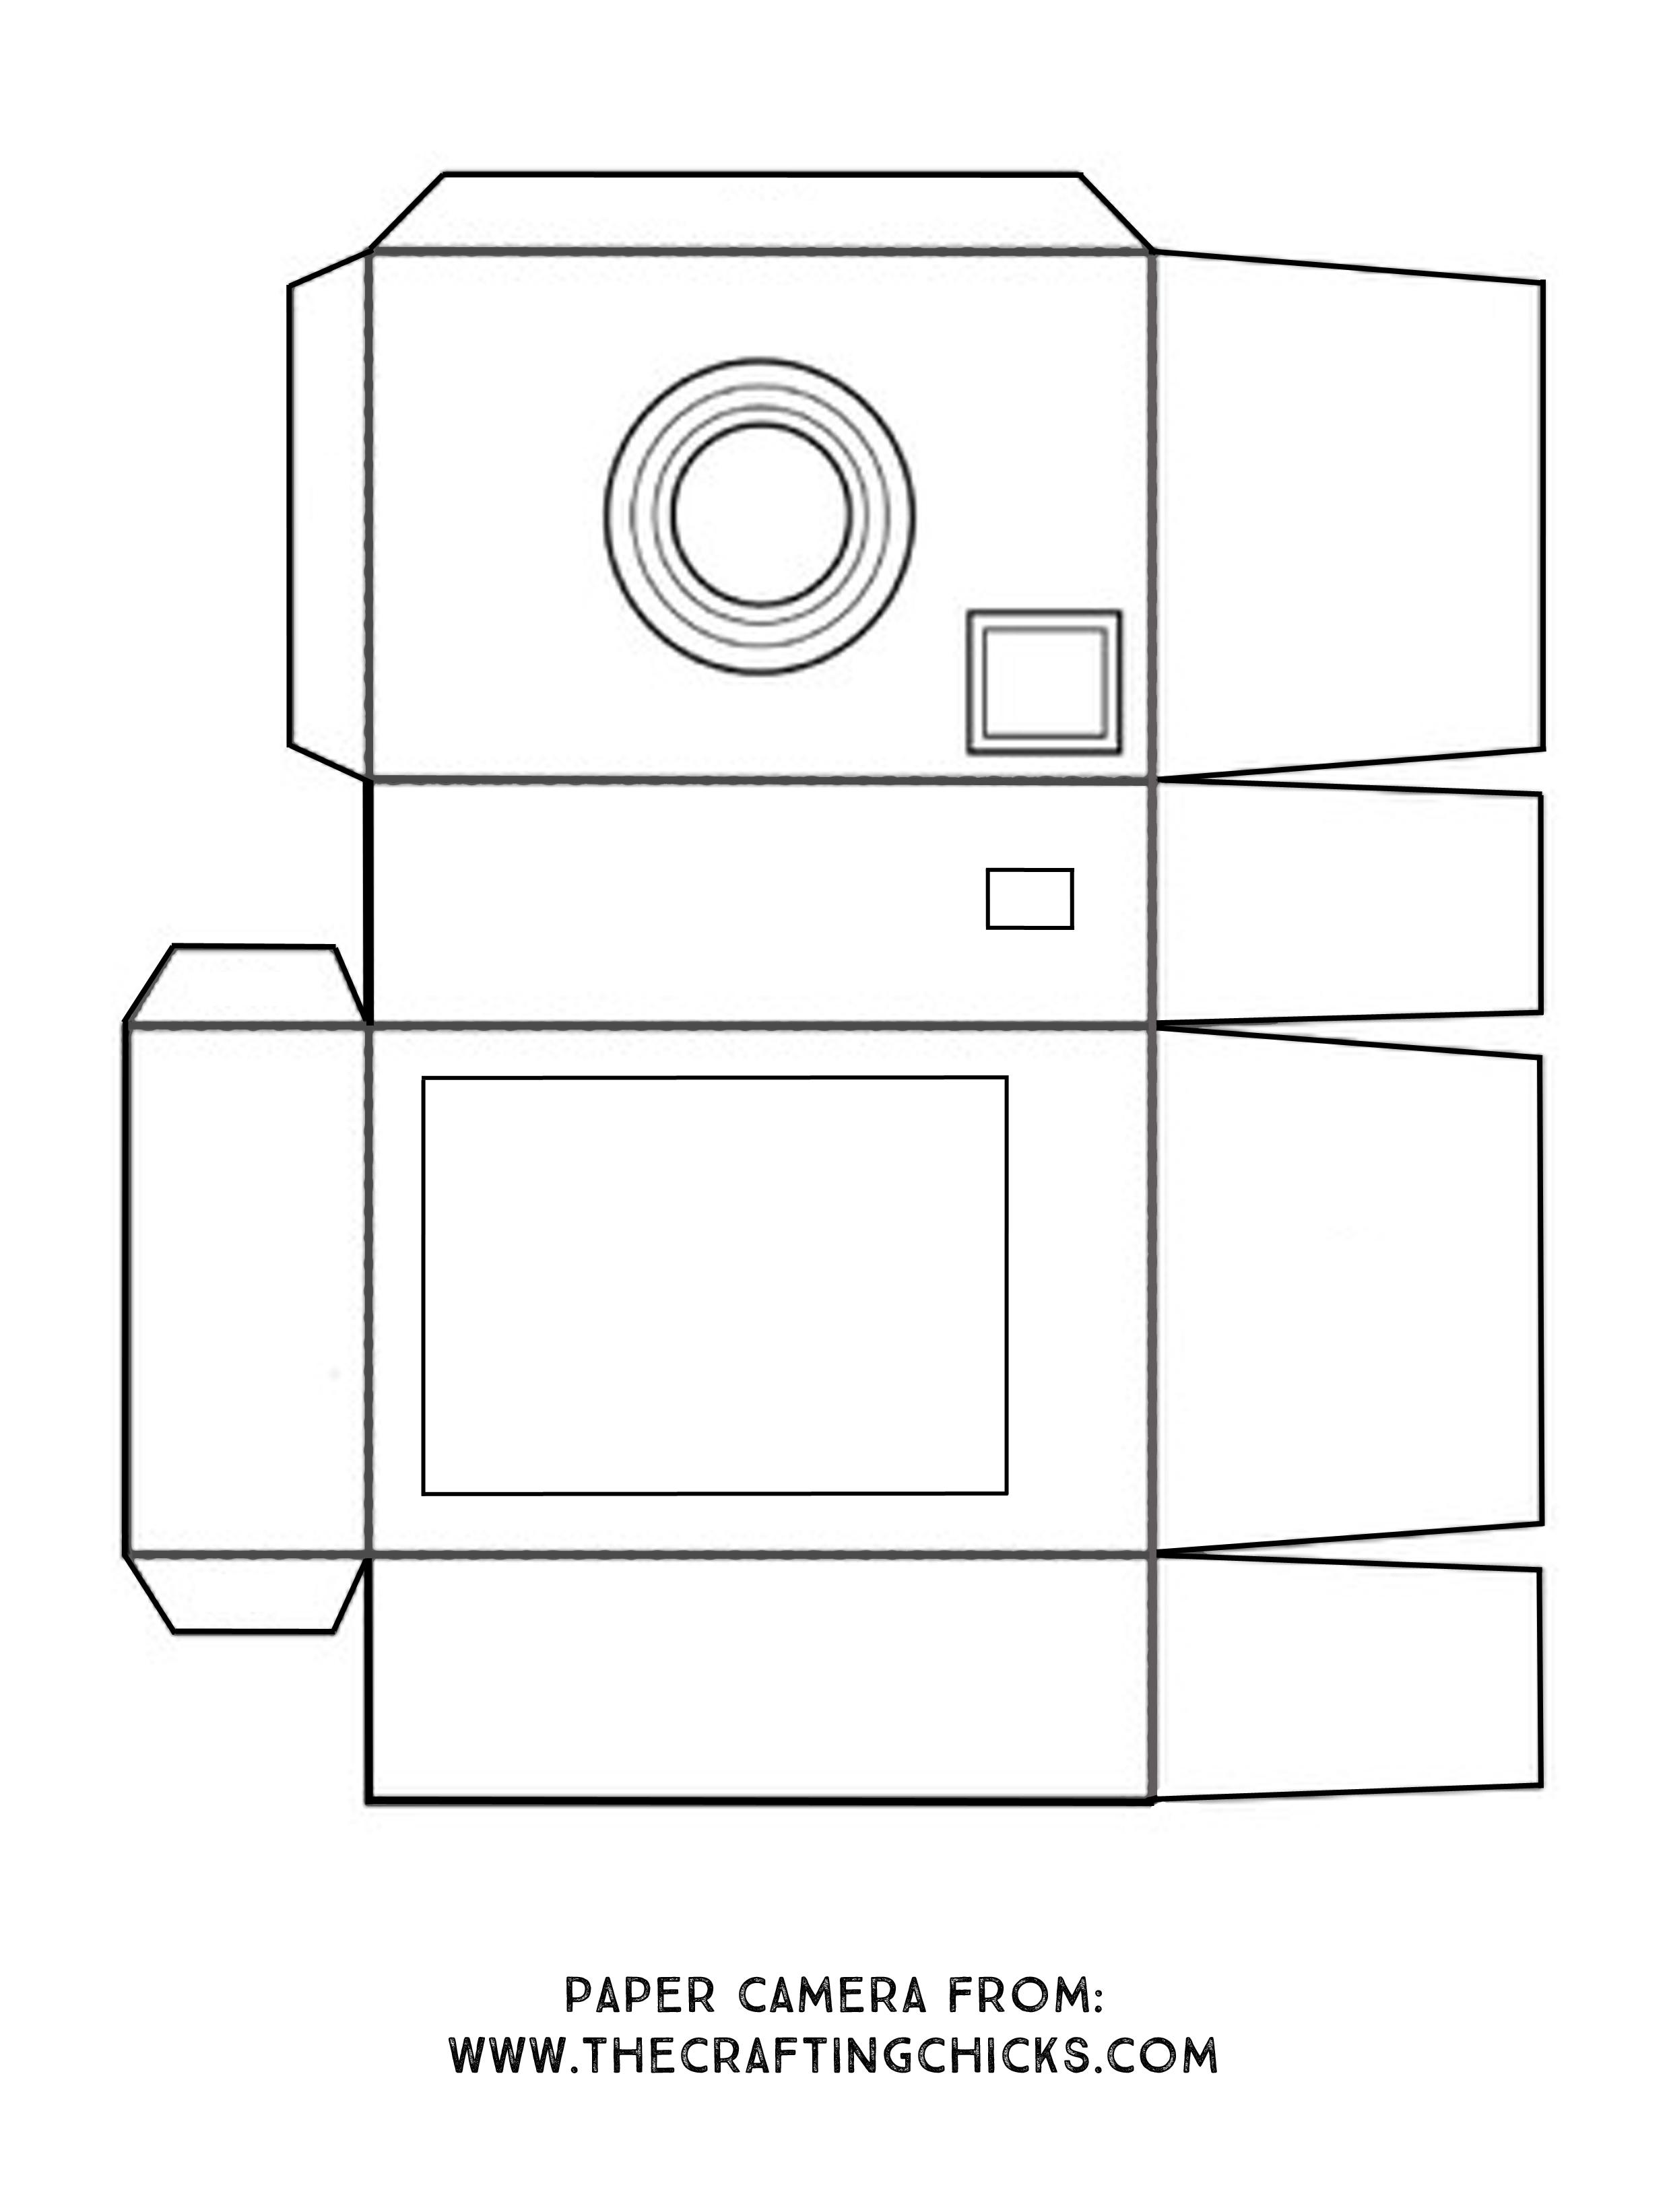 Фотоаппарат из бумаги своими руками схемы